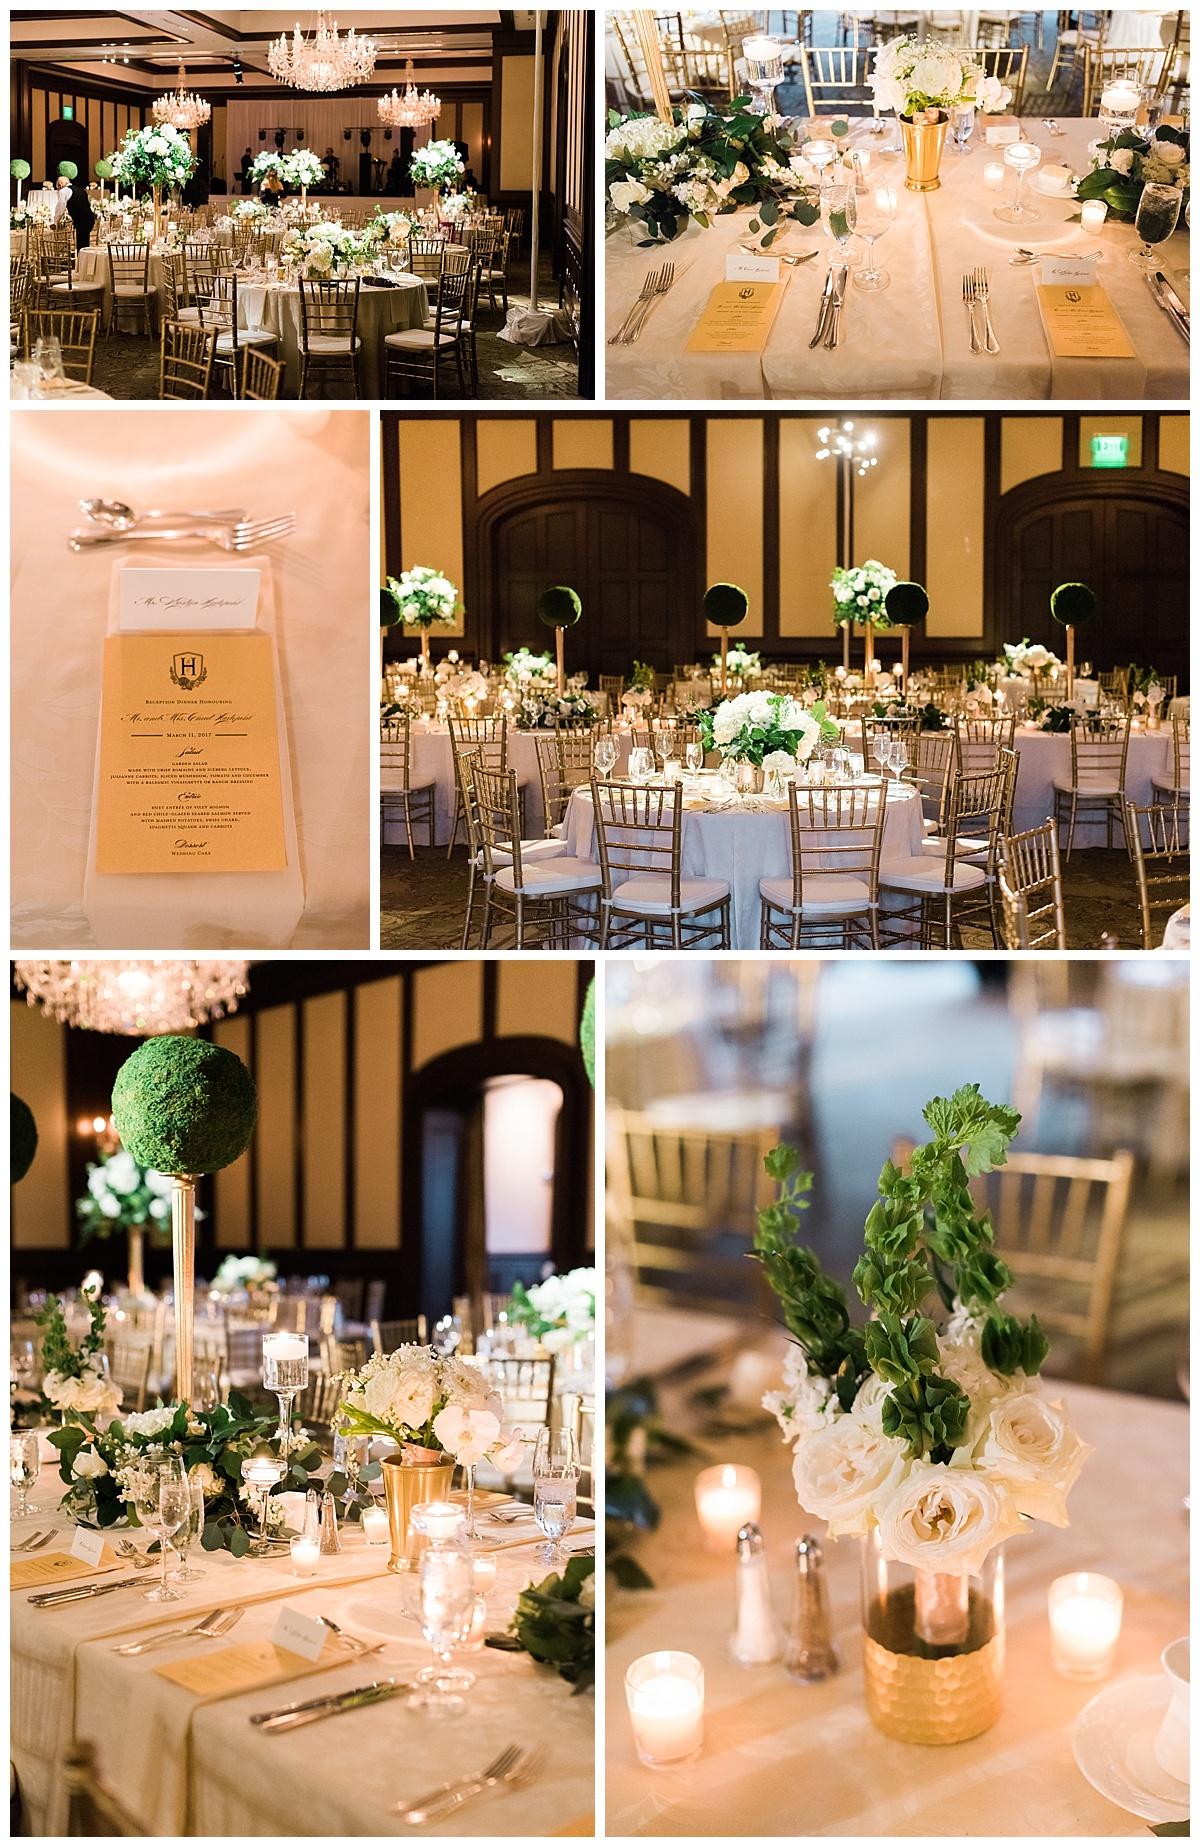 dallas-country-club-wedding-ar-photography-19.jpg